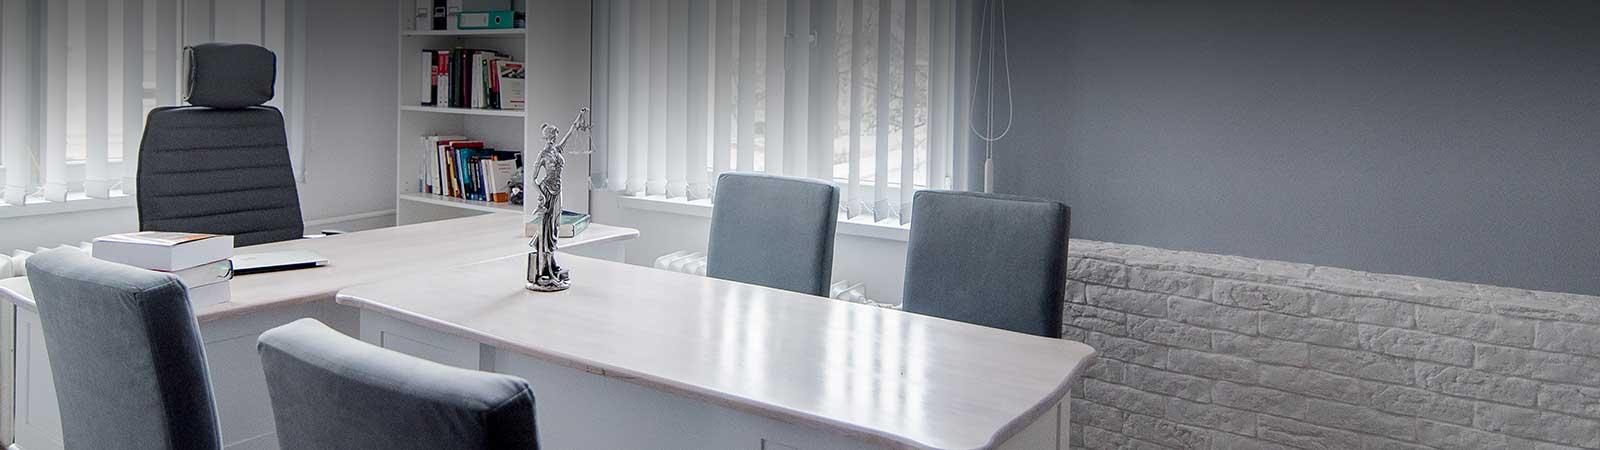 Szkolenia - Kancelaria Prawna